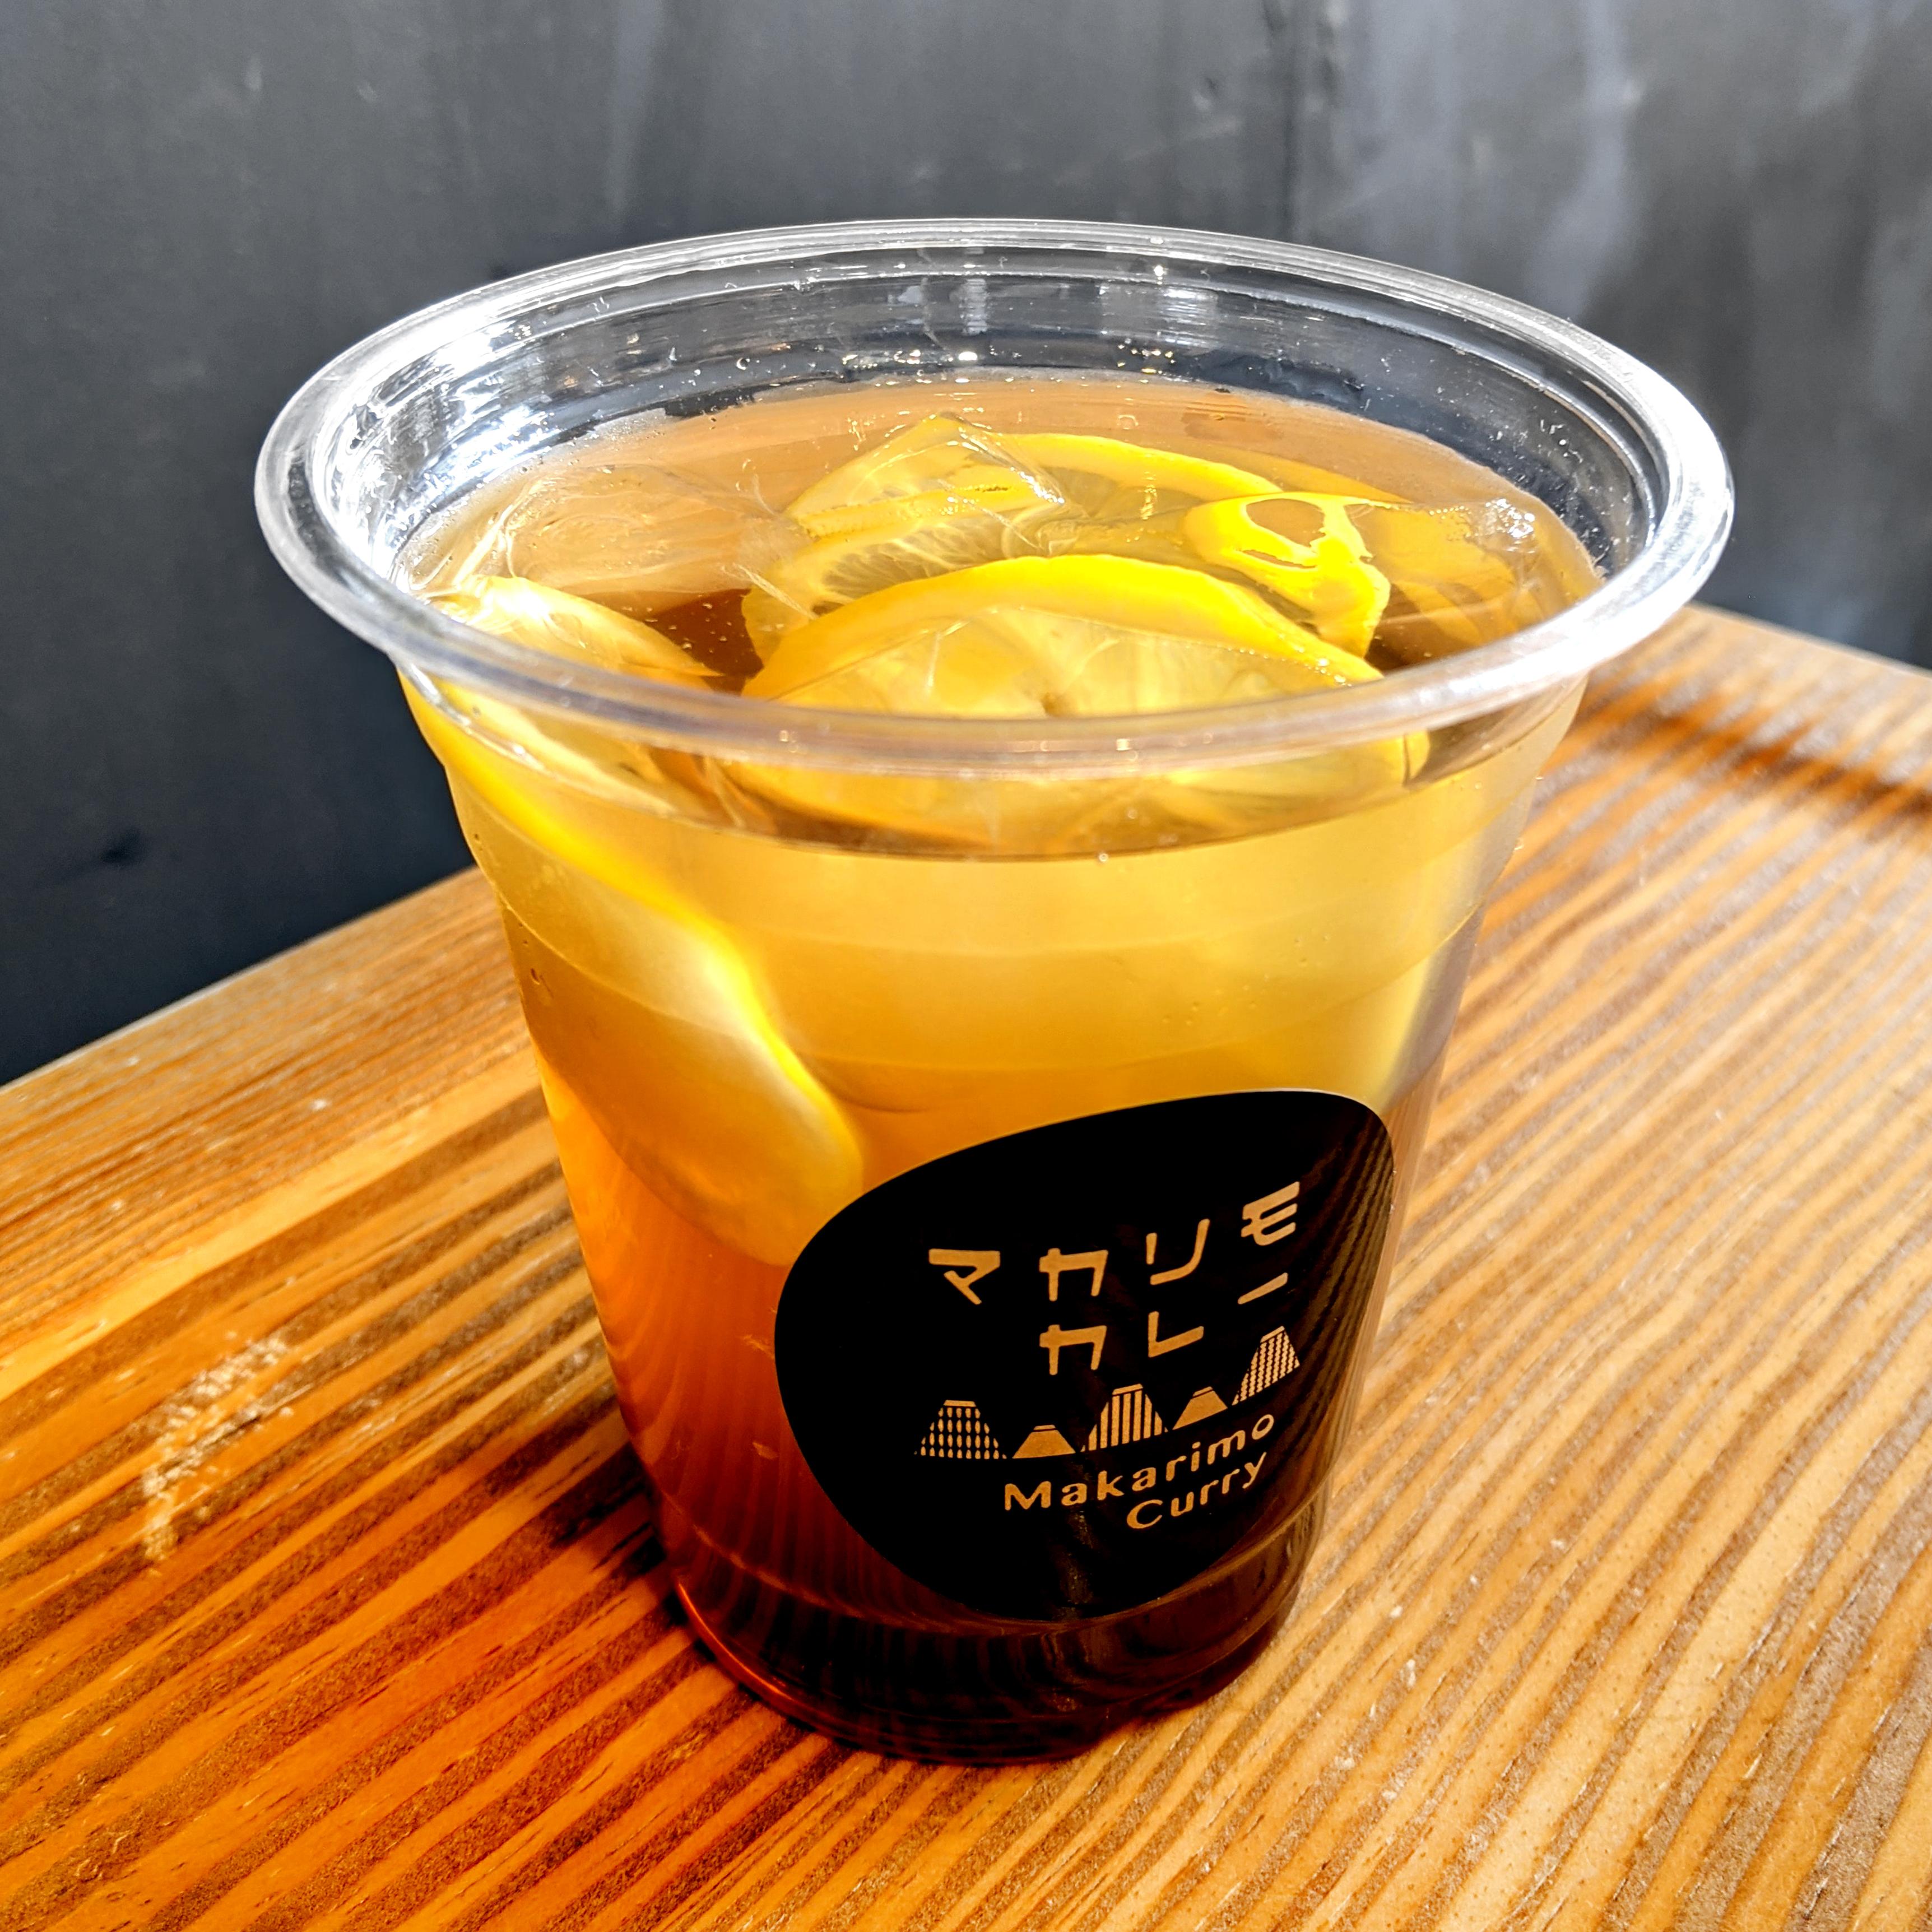 [ サイドメニュー ] アイスレモン冬瓜茶 / Iced winter melon lemon tea / 冰檸檬冬瓜茶